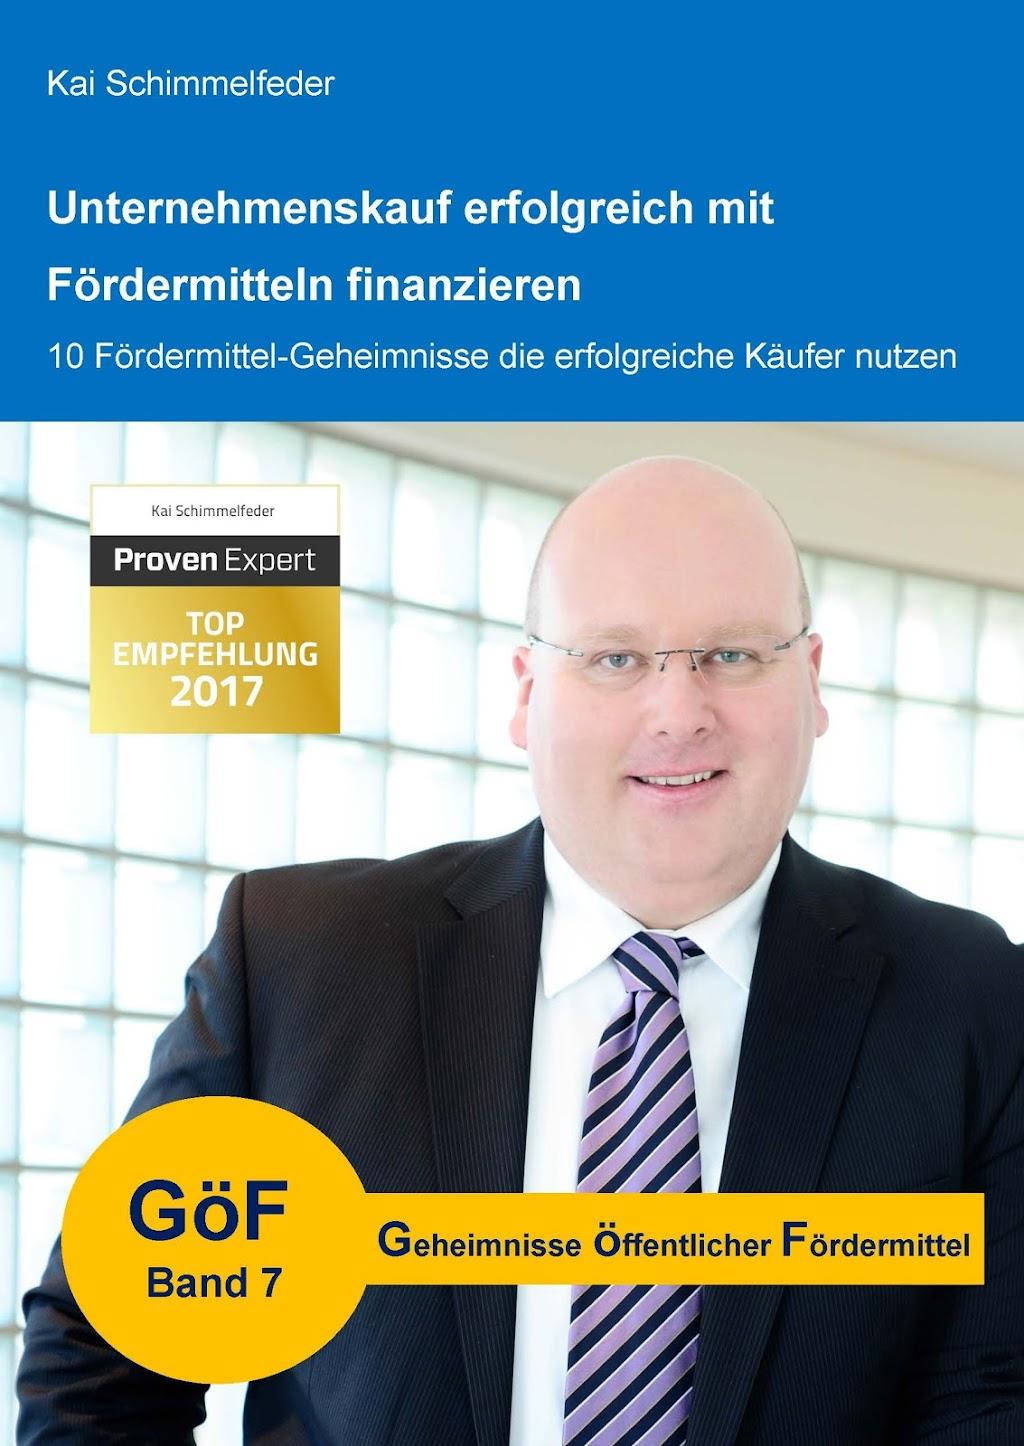 GöF 7 - Unternehmenskauf erfolgreich finanzieren